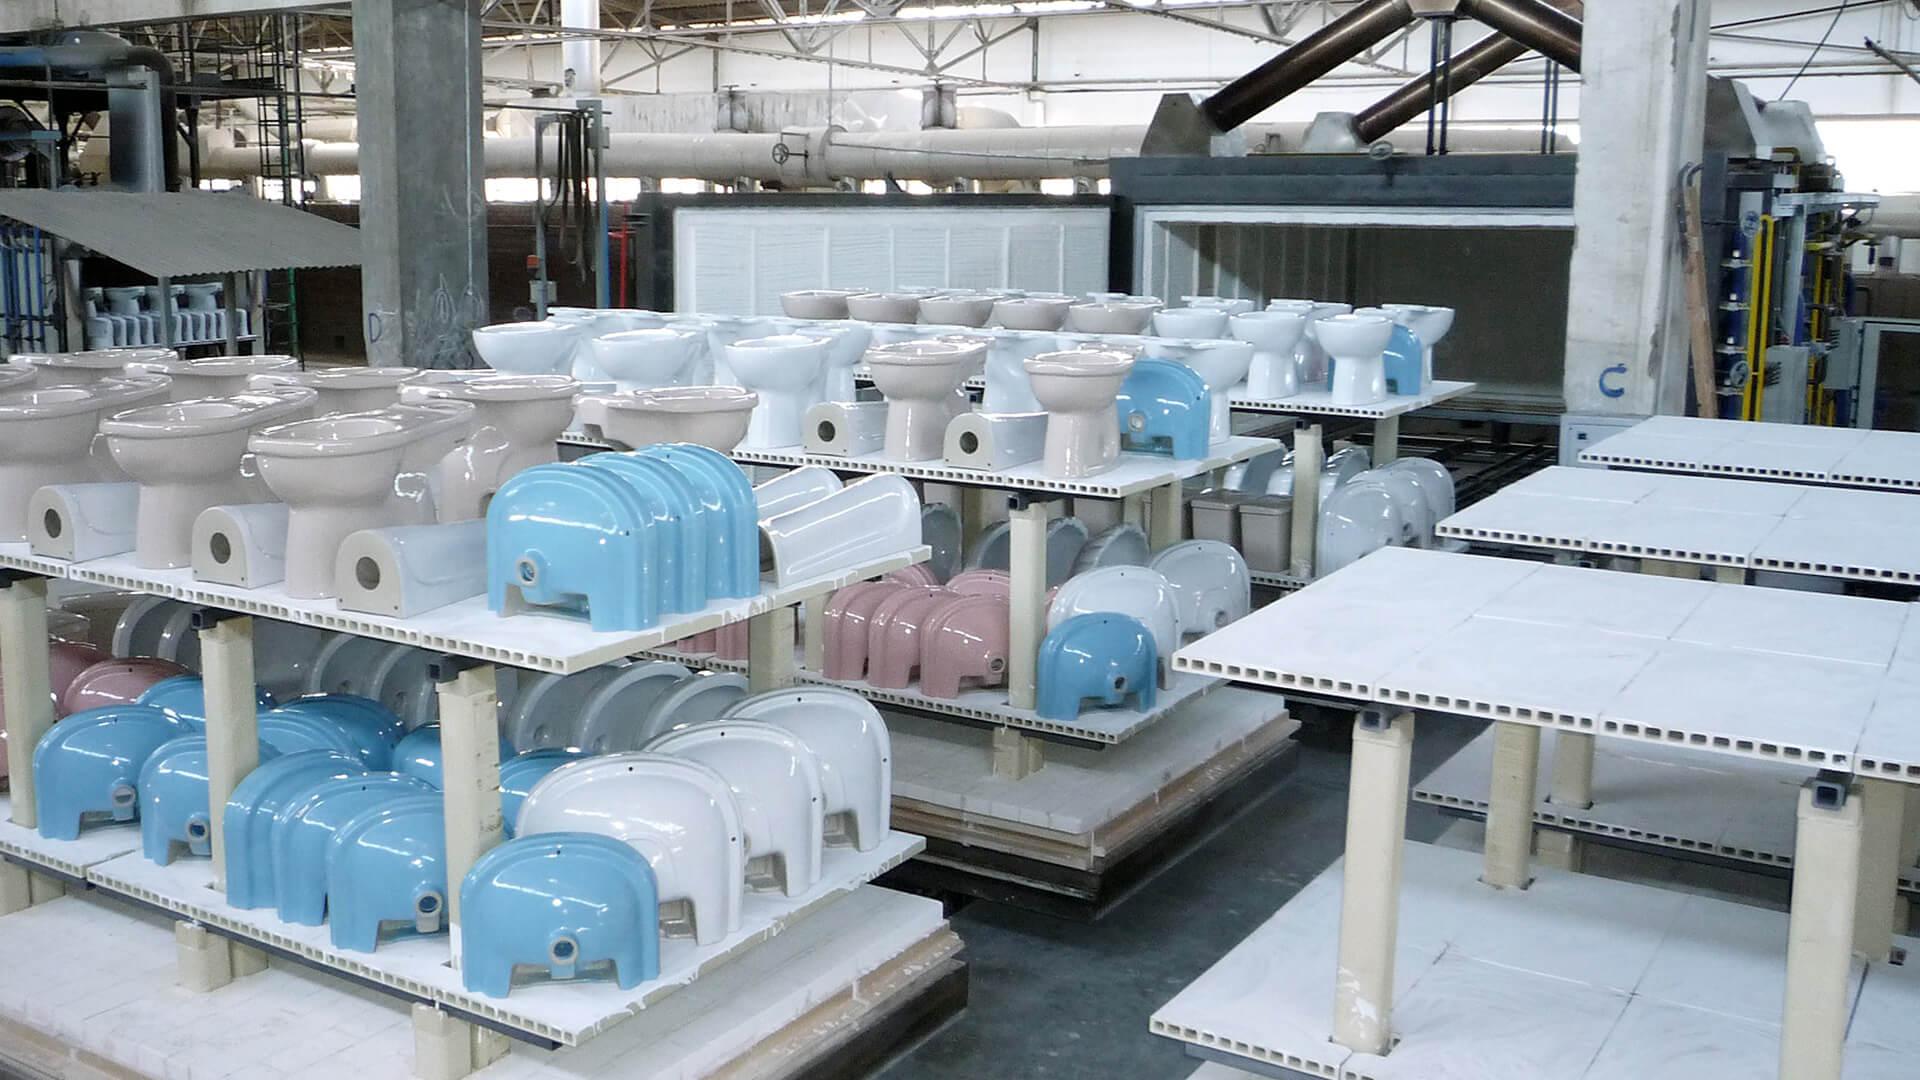 Forno industriale per Forni intermittenti per sanitari | Pagnotta Termomeccanica